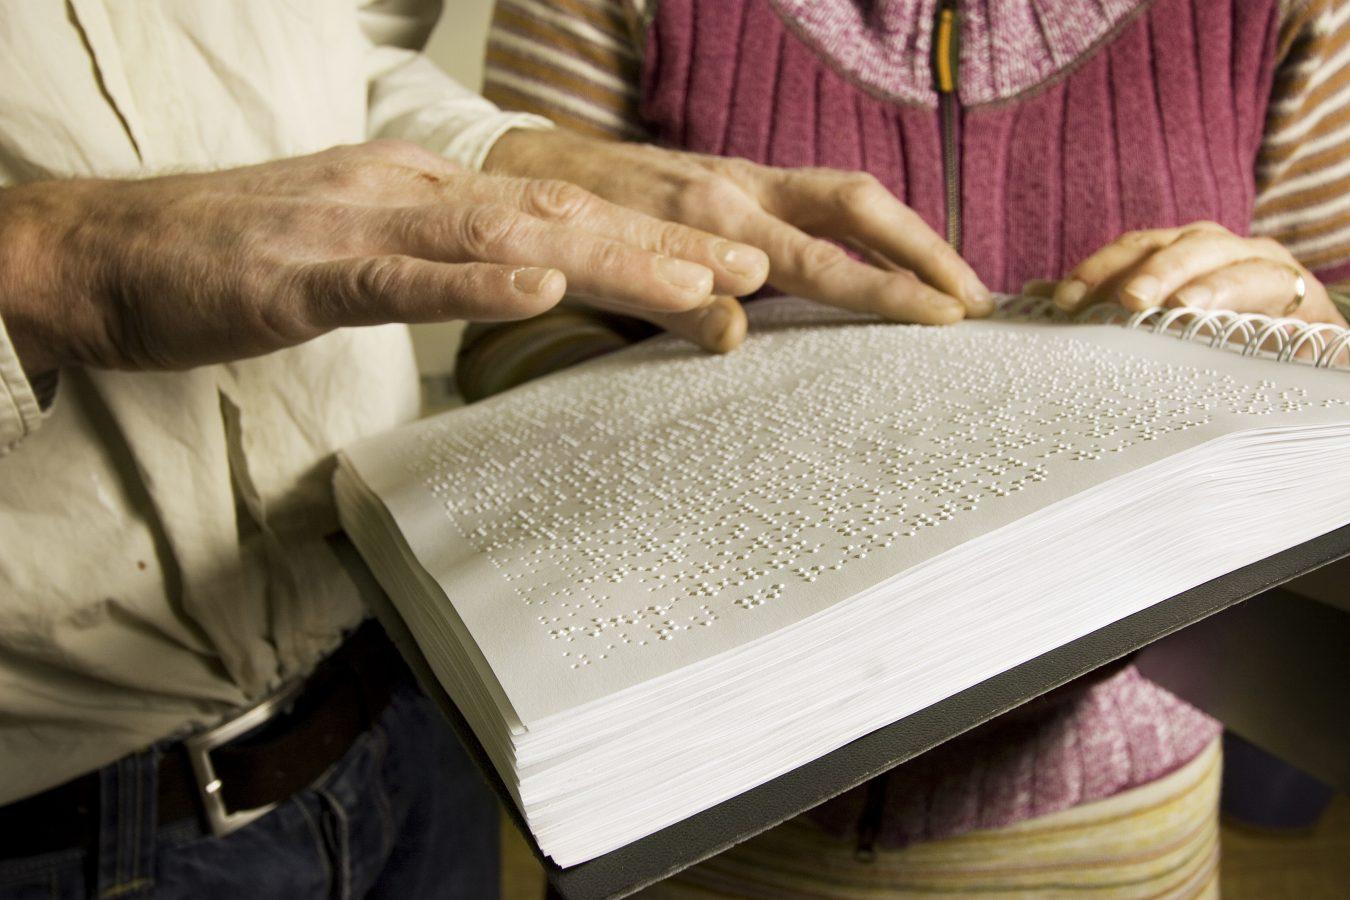 Blind i arbeidslivet. Mann leser rapport sammen med sin kvinnelige sjef. Blindeskrift. Foto: Steffen Rikenberg/Scanpix